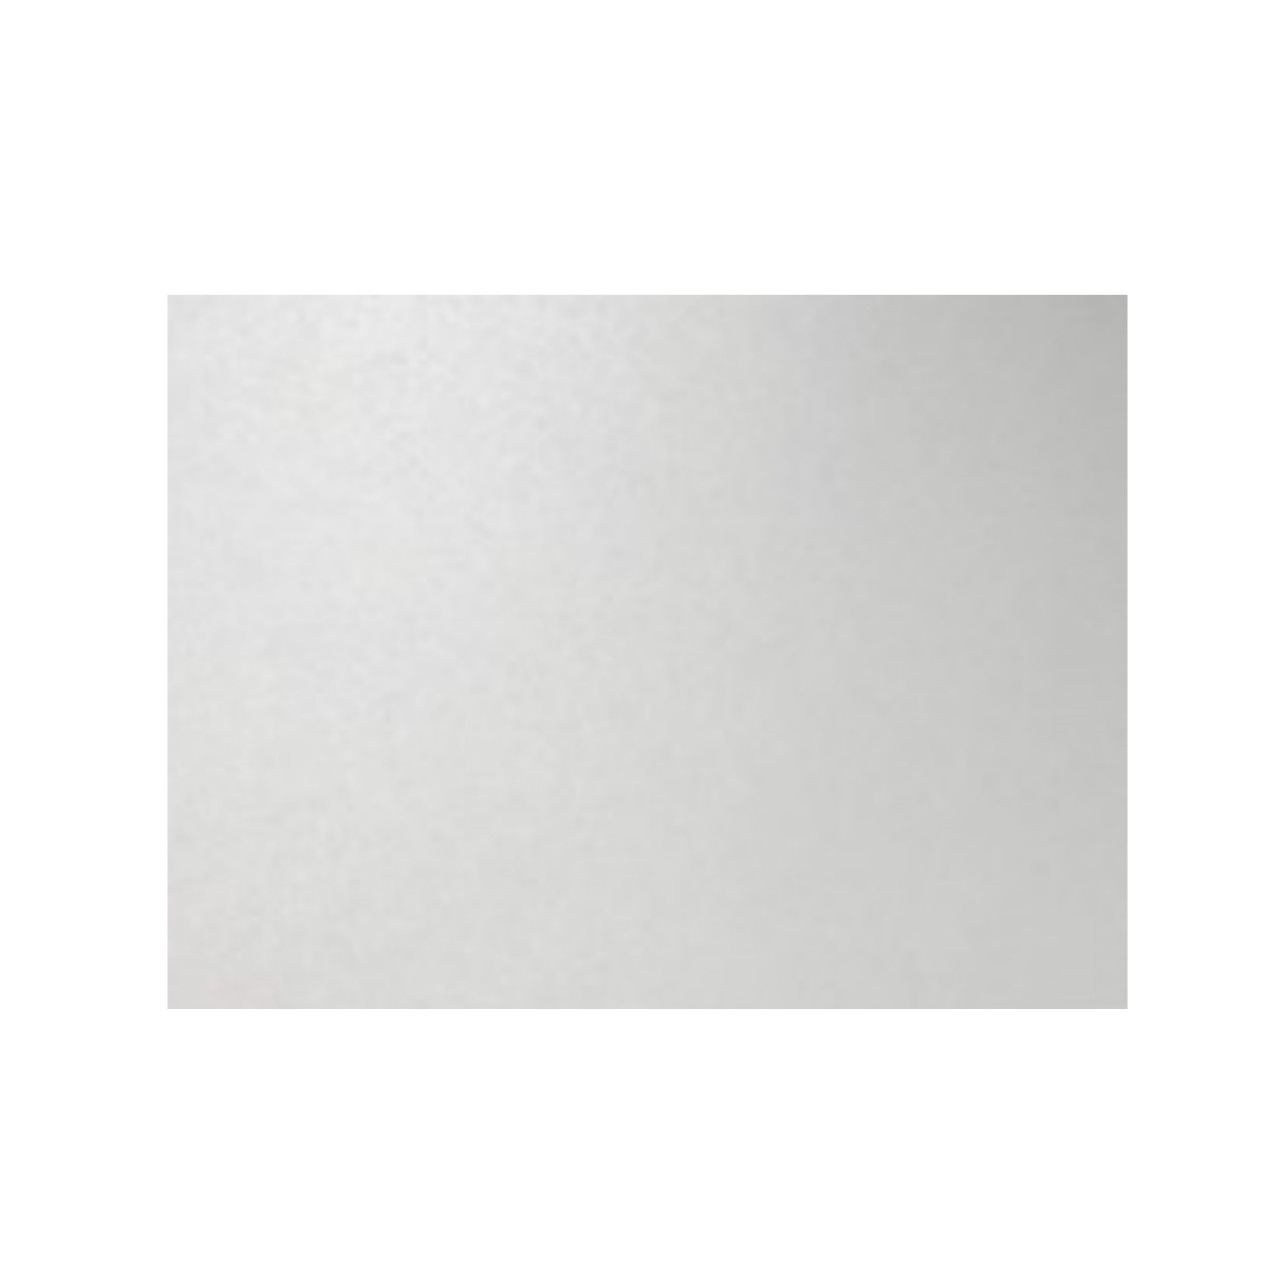 Подложка уплотненная белая/крафт 30*40 см